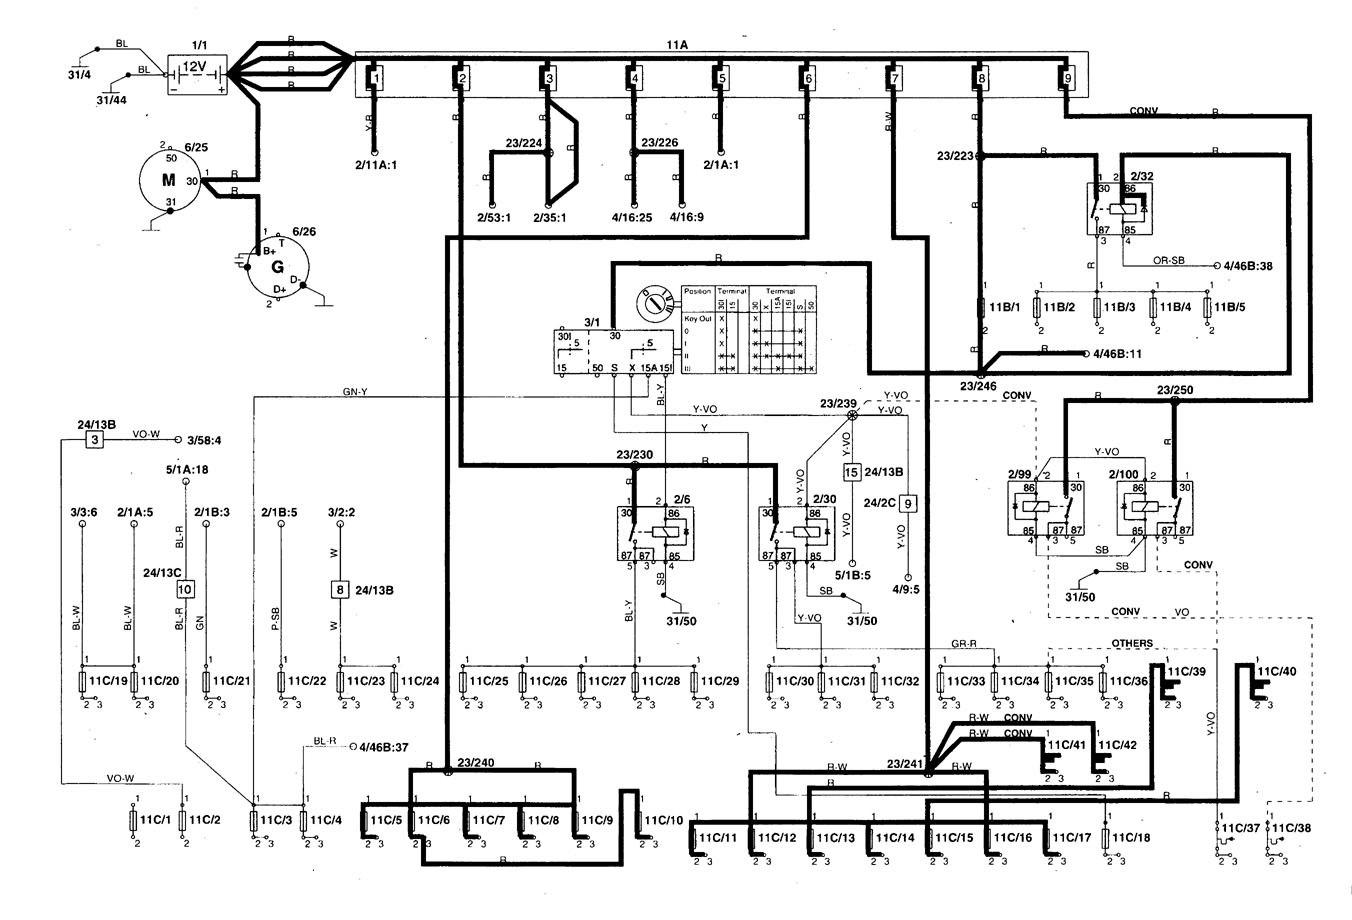 1999 Volvo Wiring Diagram Wiring Diagram Jest Dealer Jest Dealer Saleebalocchi It